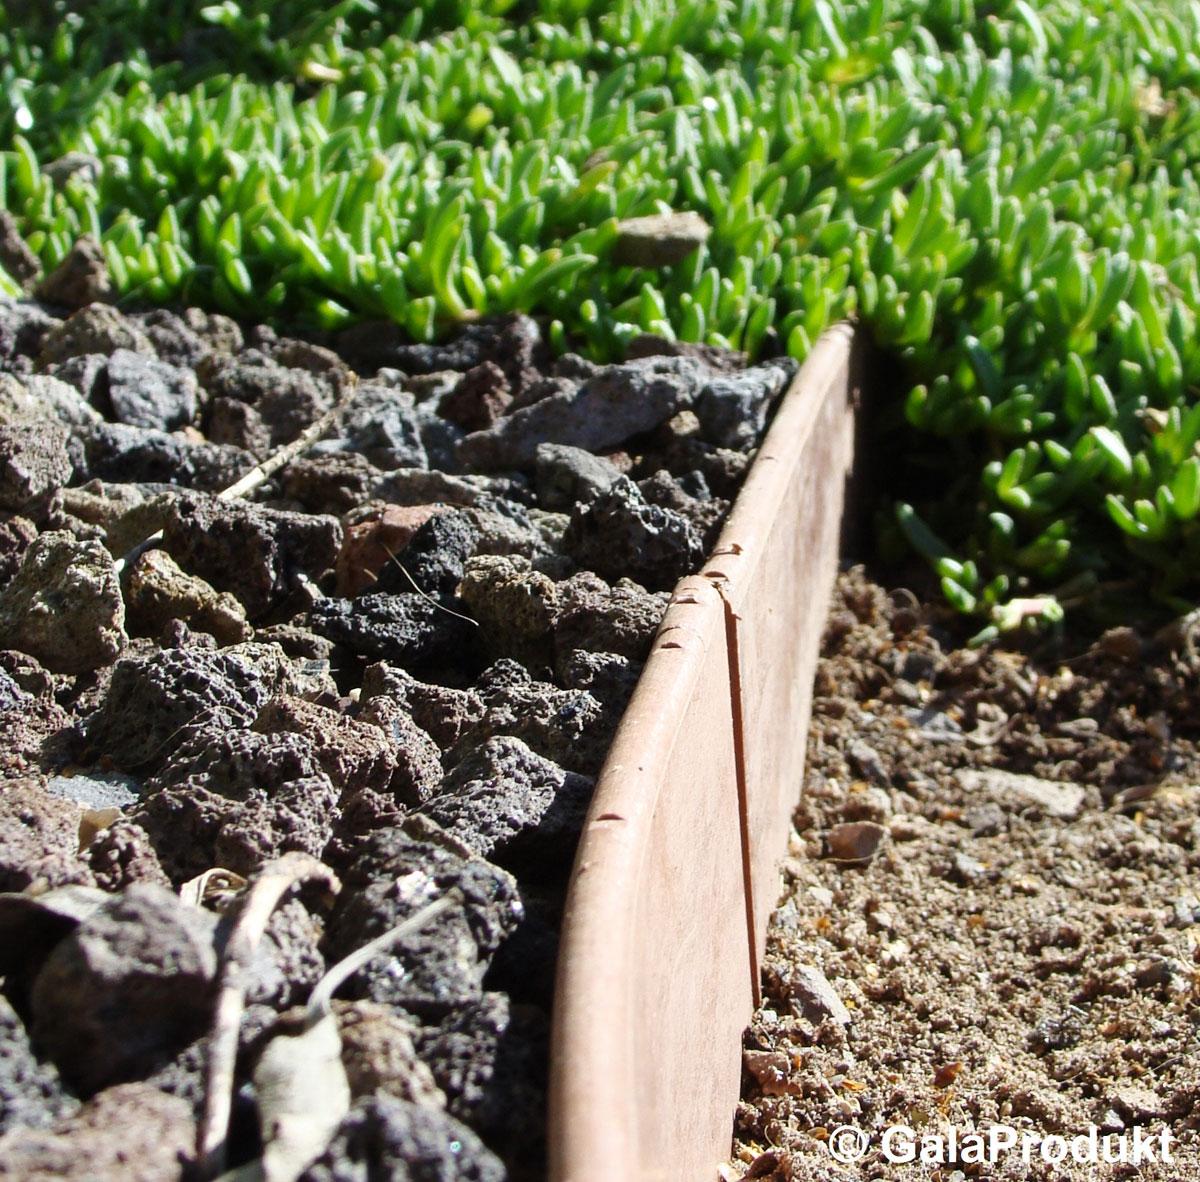 Idealny do odgradzania grysu od kory lub innych materiałów ściółkujacych